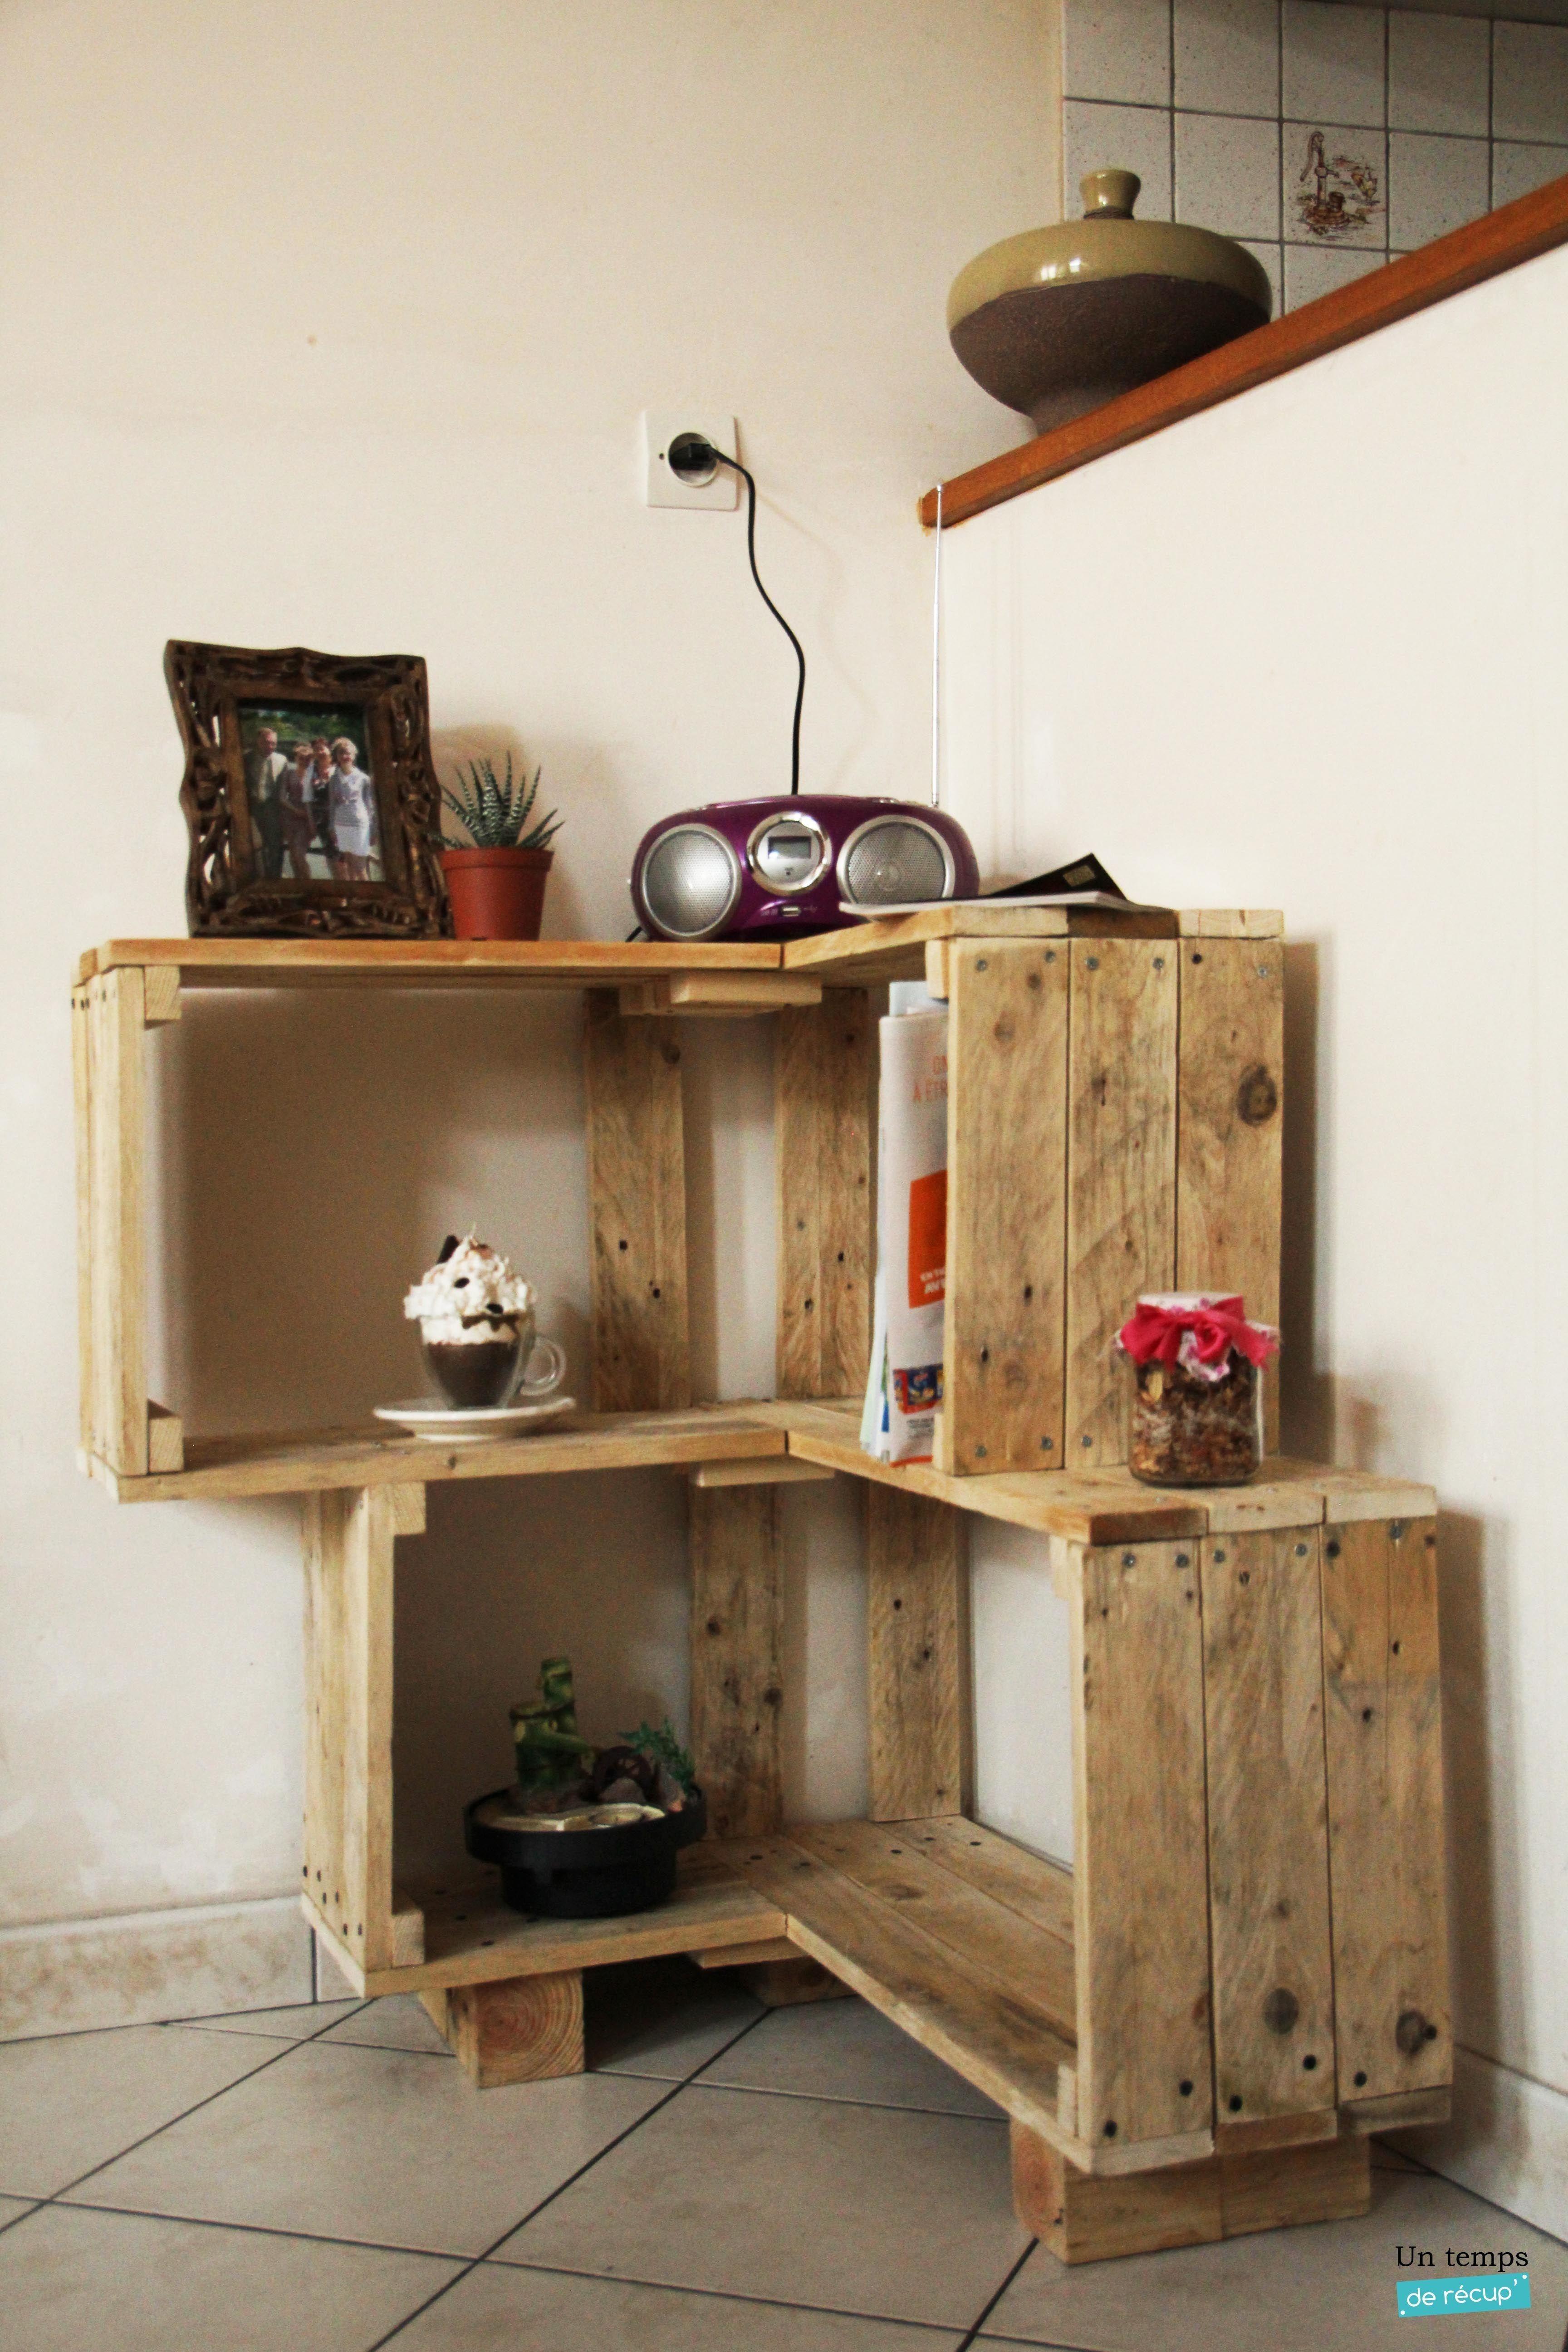 Fabriquer Meuble Salle De Bain Palette fabriquer des meubles en palette meilleur de 40 de fabriquer